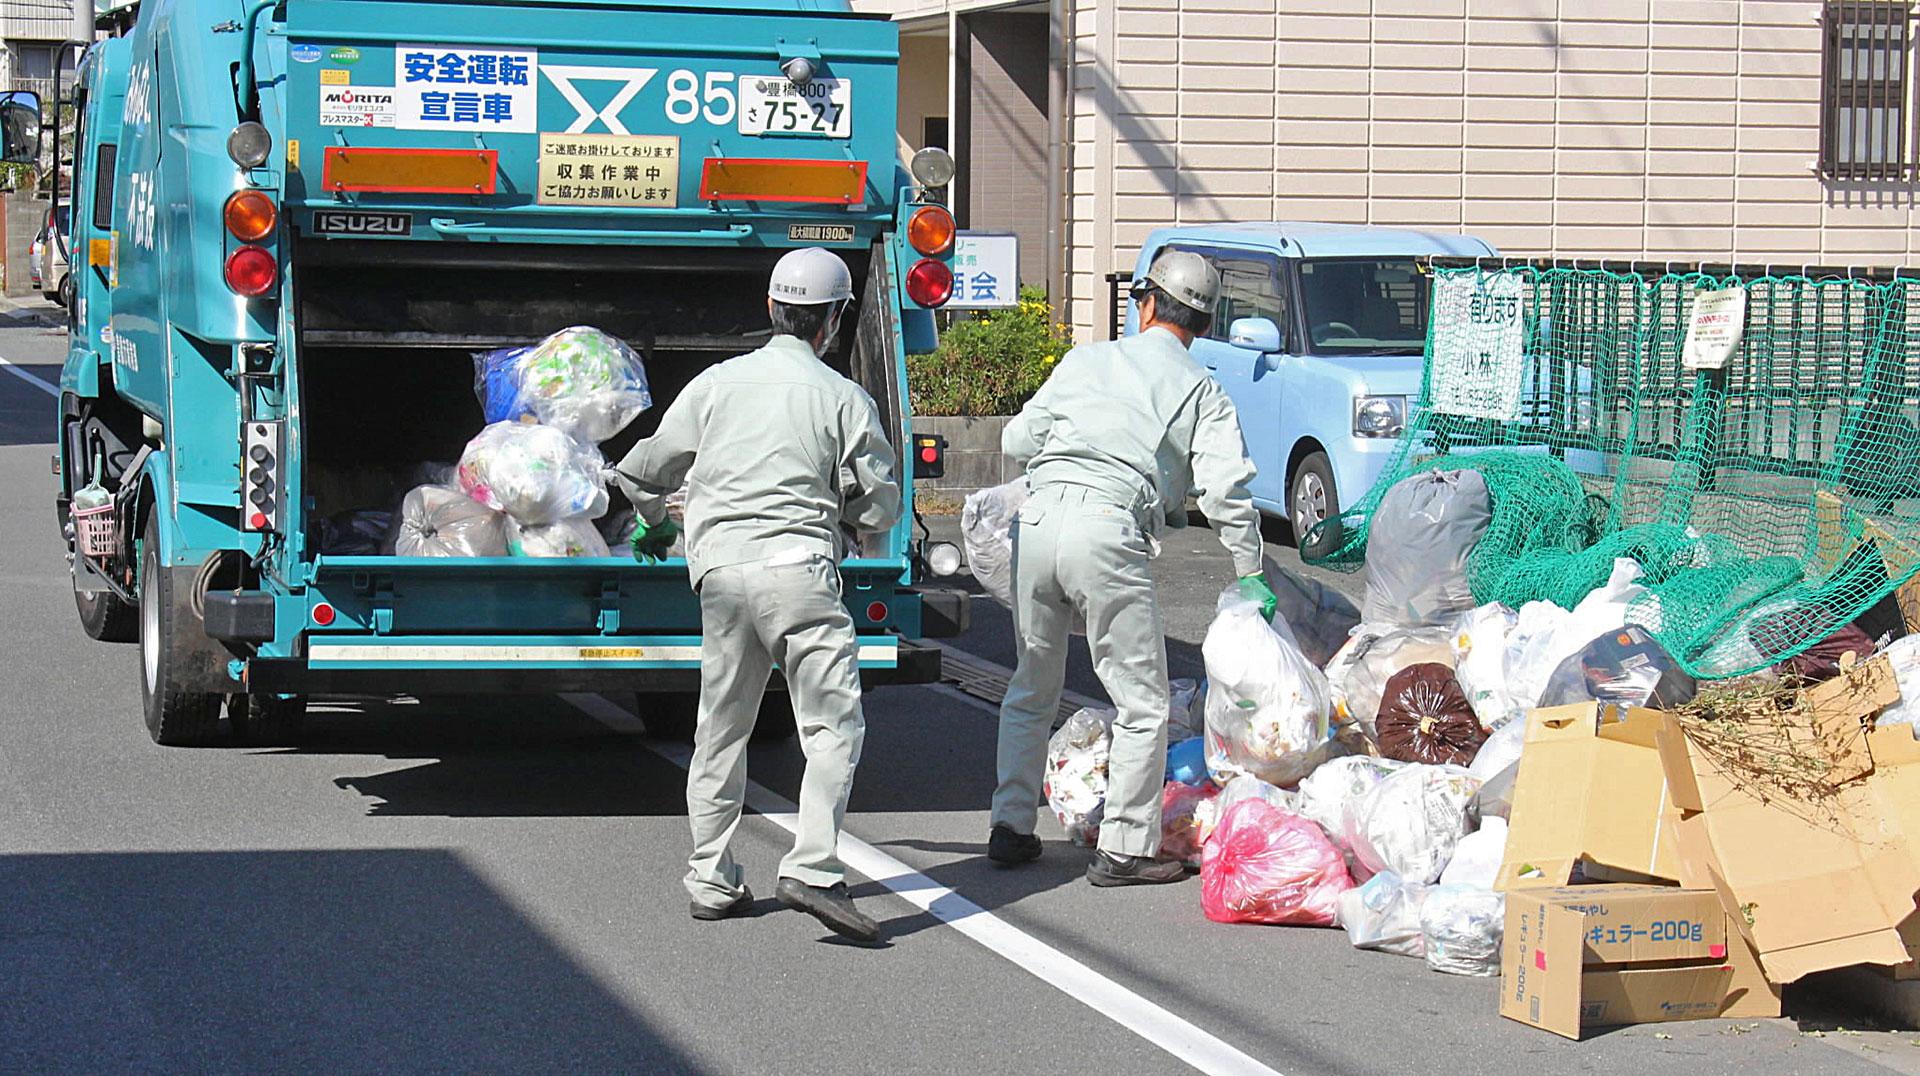 Kamioni odnose smeće na reciklažu